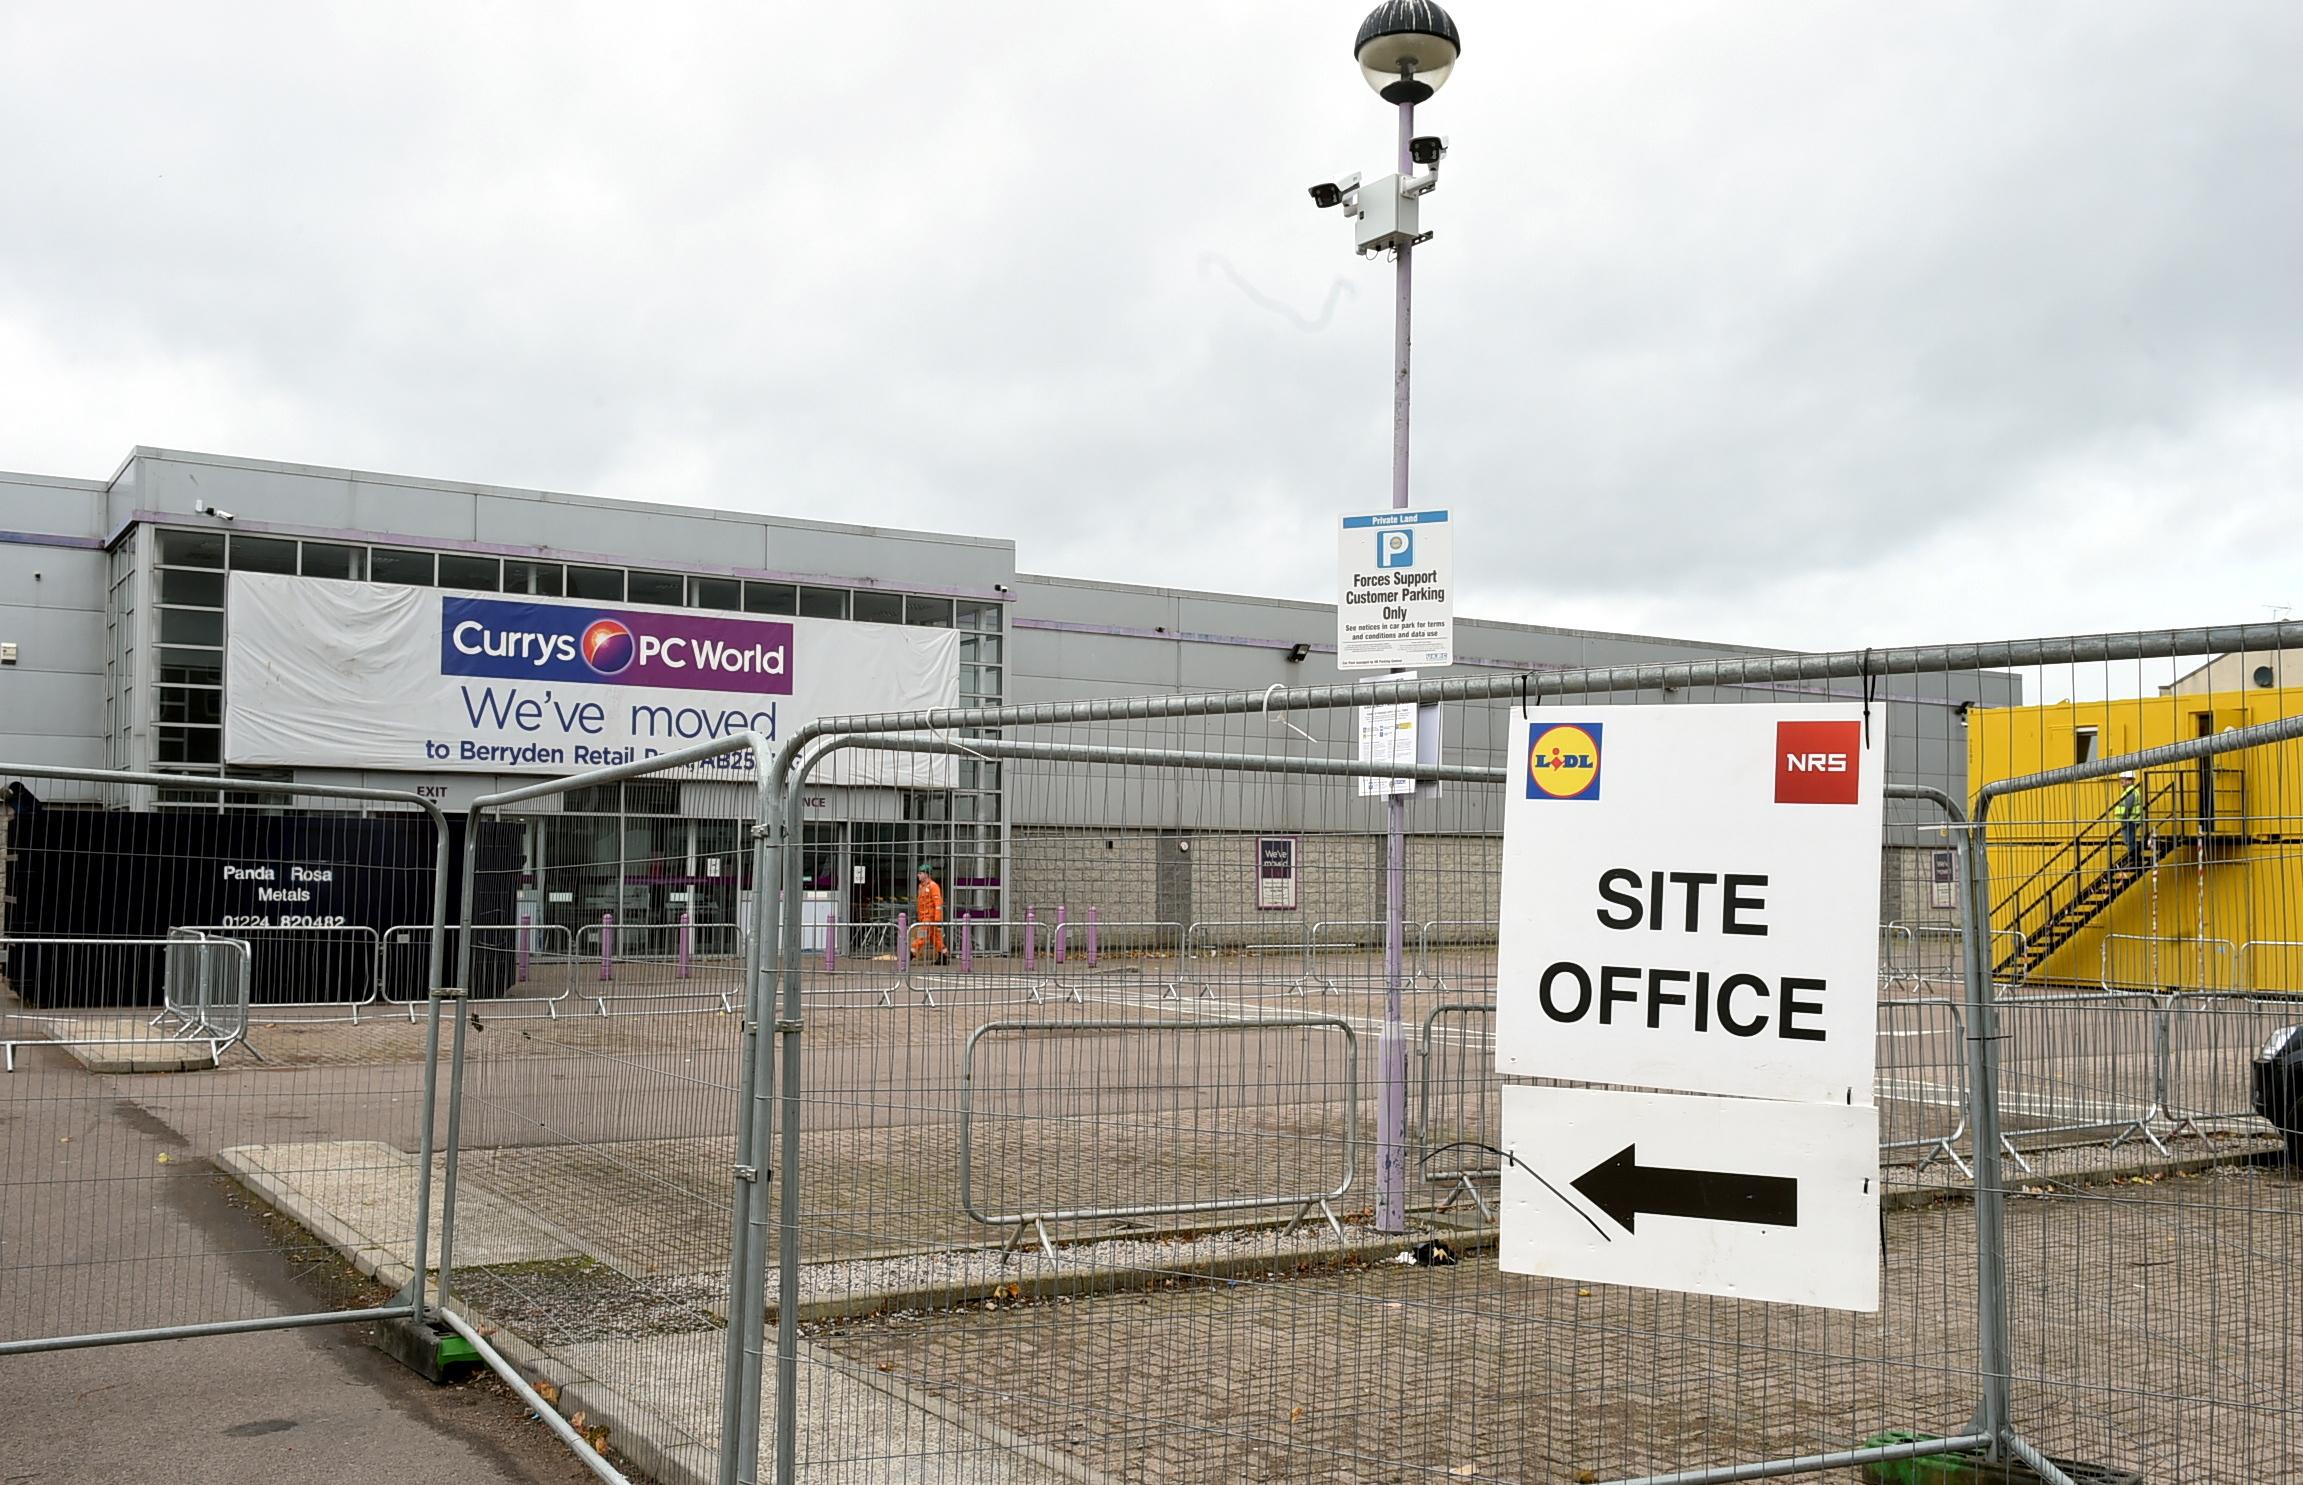 Work under way on a new discount supermarket in Aberdeen